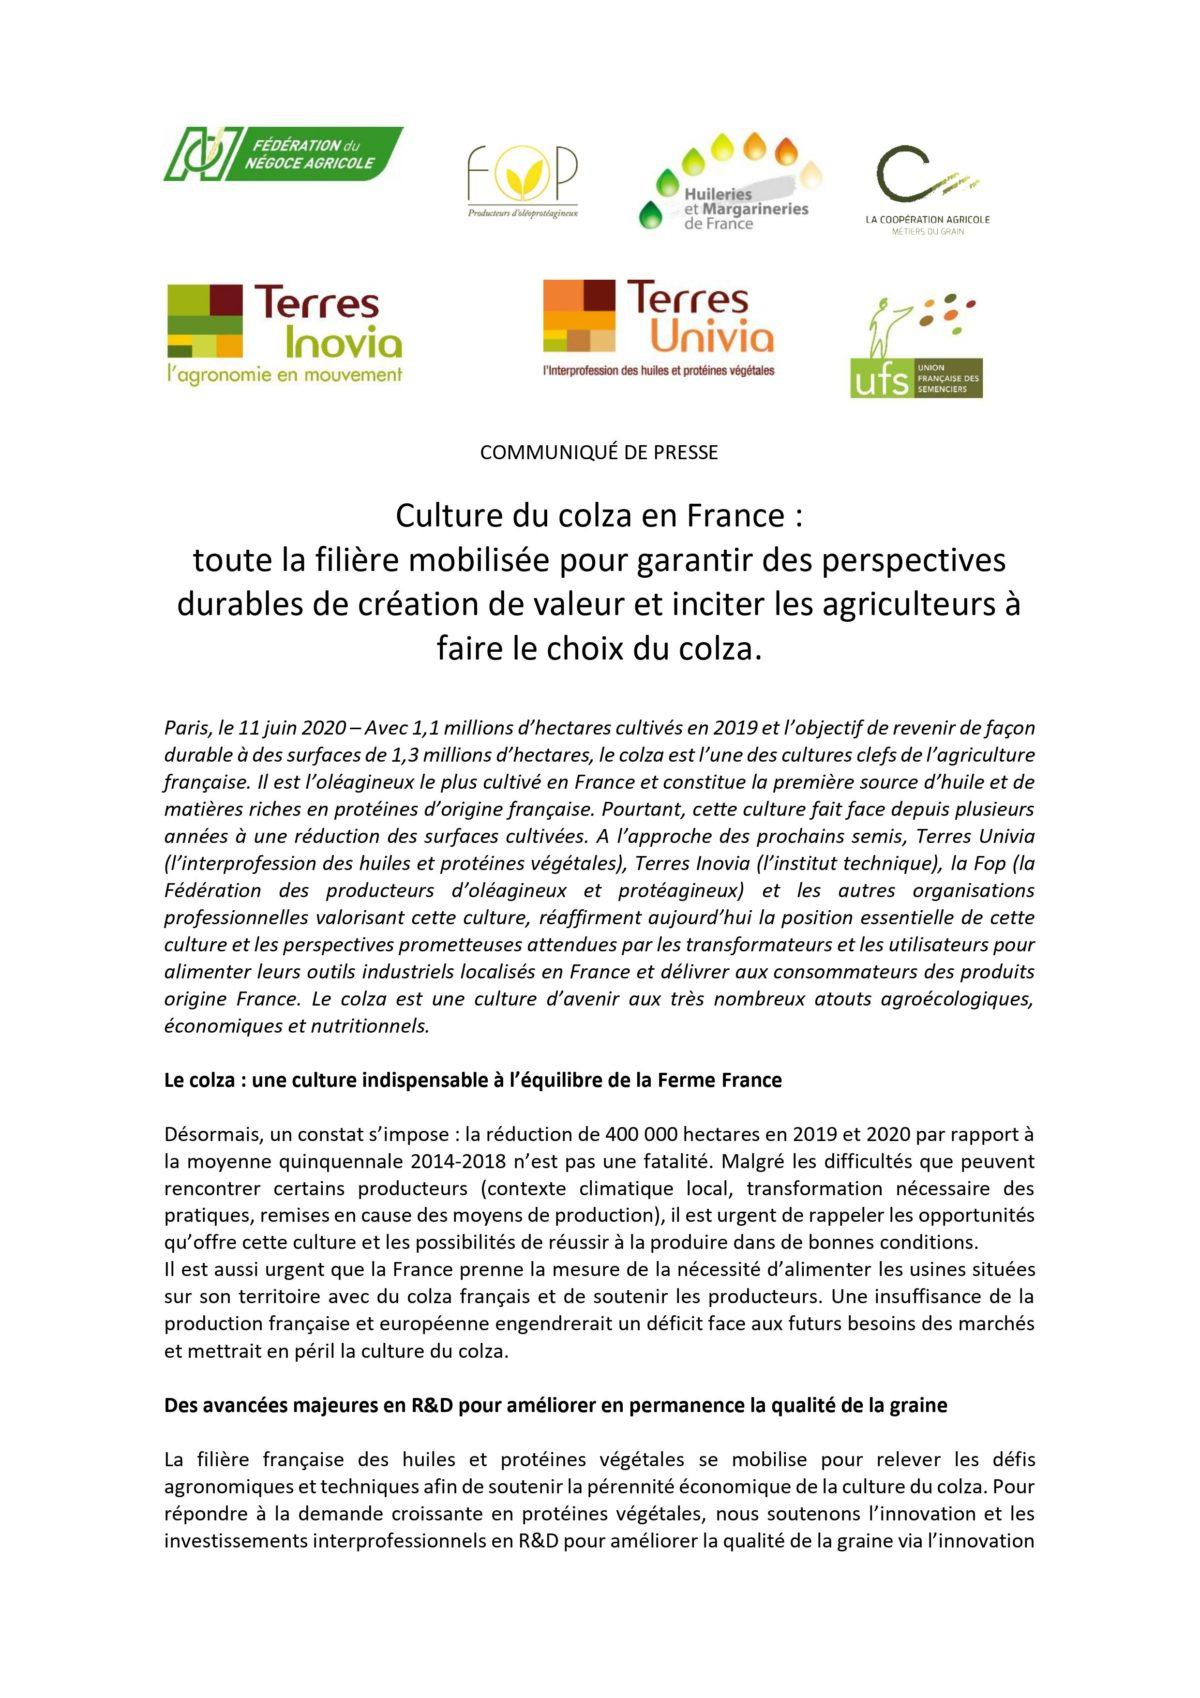 [COMMUNIQUE DE PRESSE] – Culture du colza en France : toute la filière mobilisée pour garantir des  perspectives durables de création de valeur et inciter les agriculteurs à faire le choix du colza